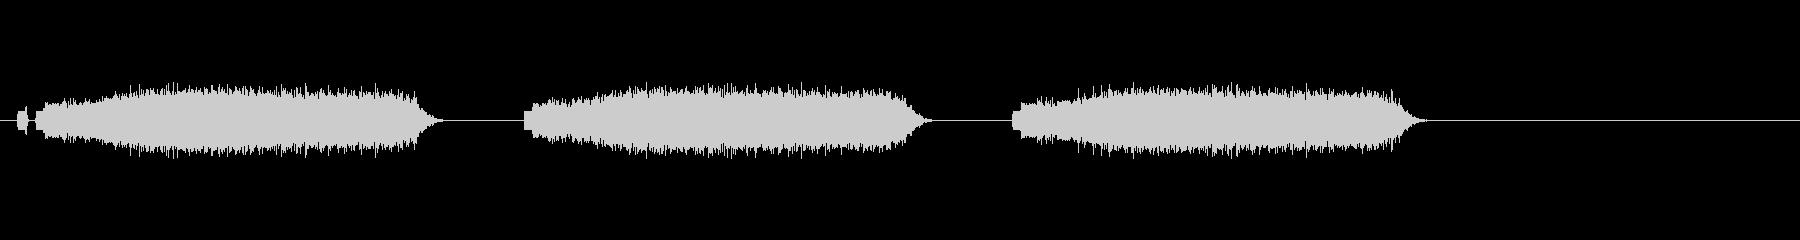 サイレンの未再生の波形